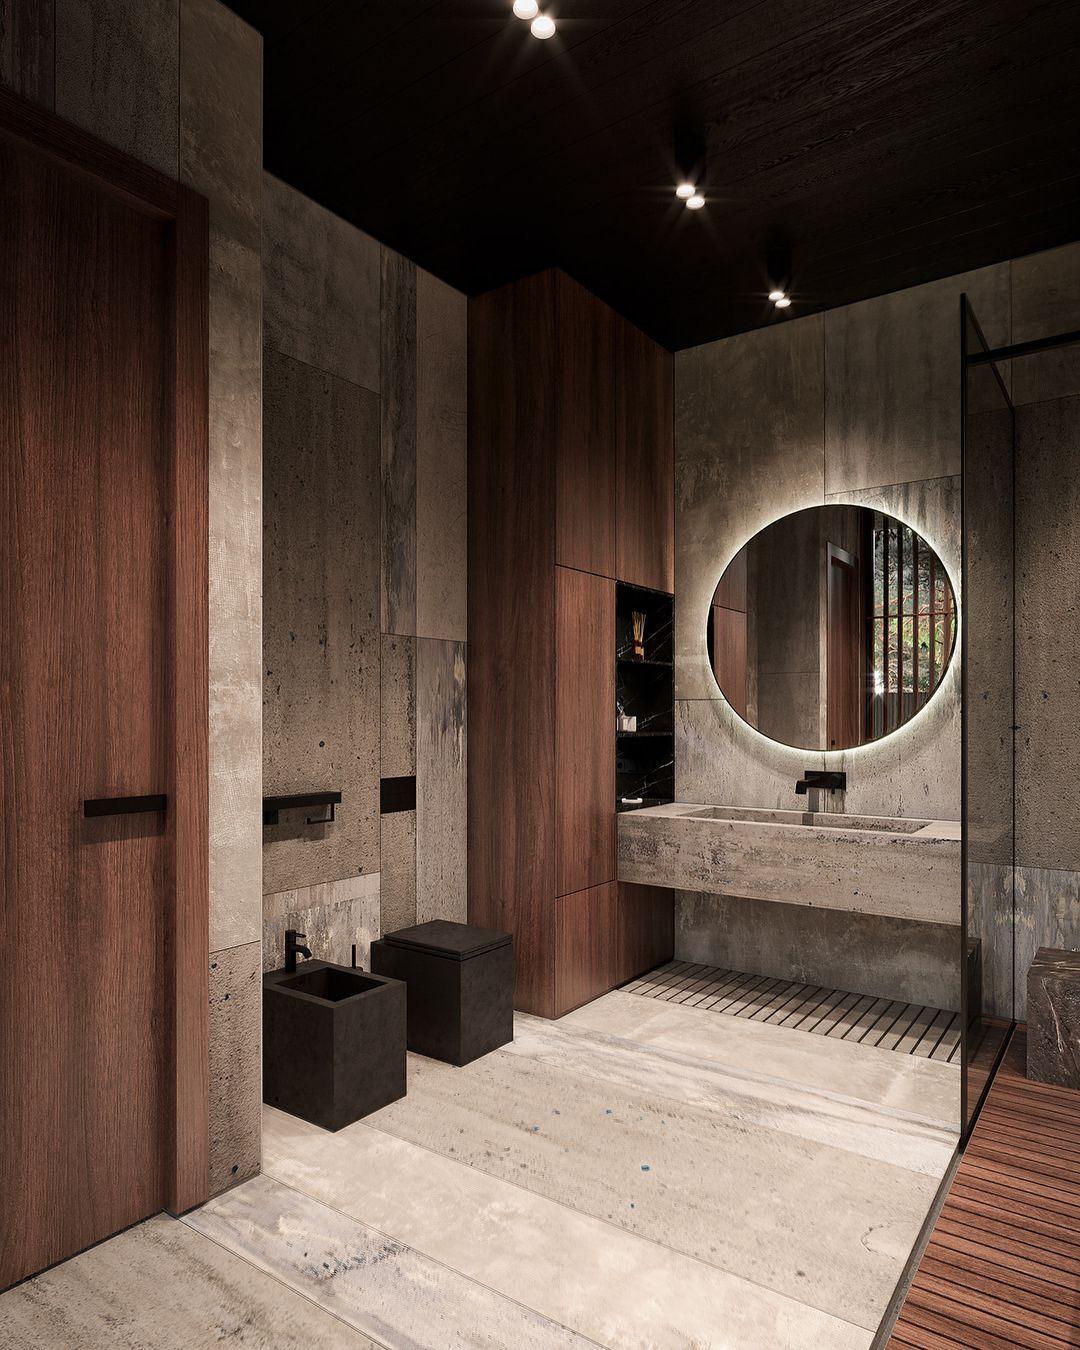 Roma House Bathroom By Buro511 Interiores De Casa Rustica